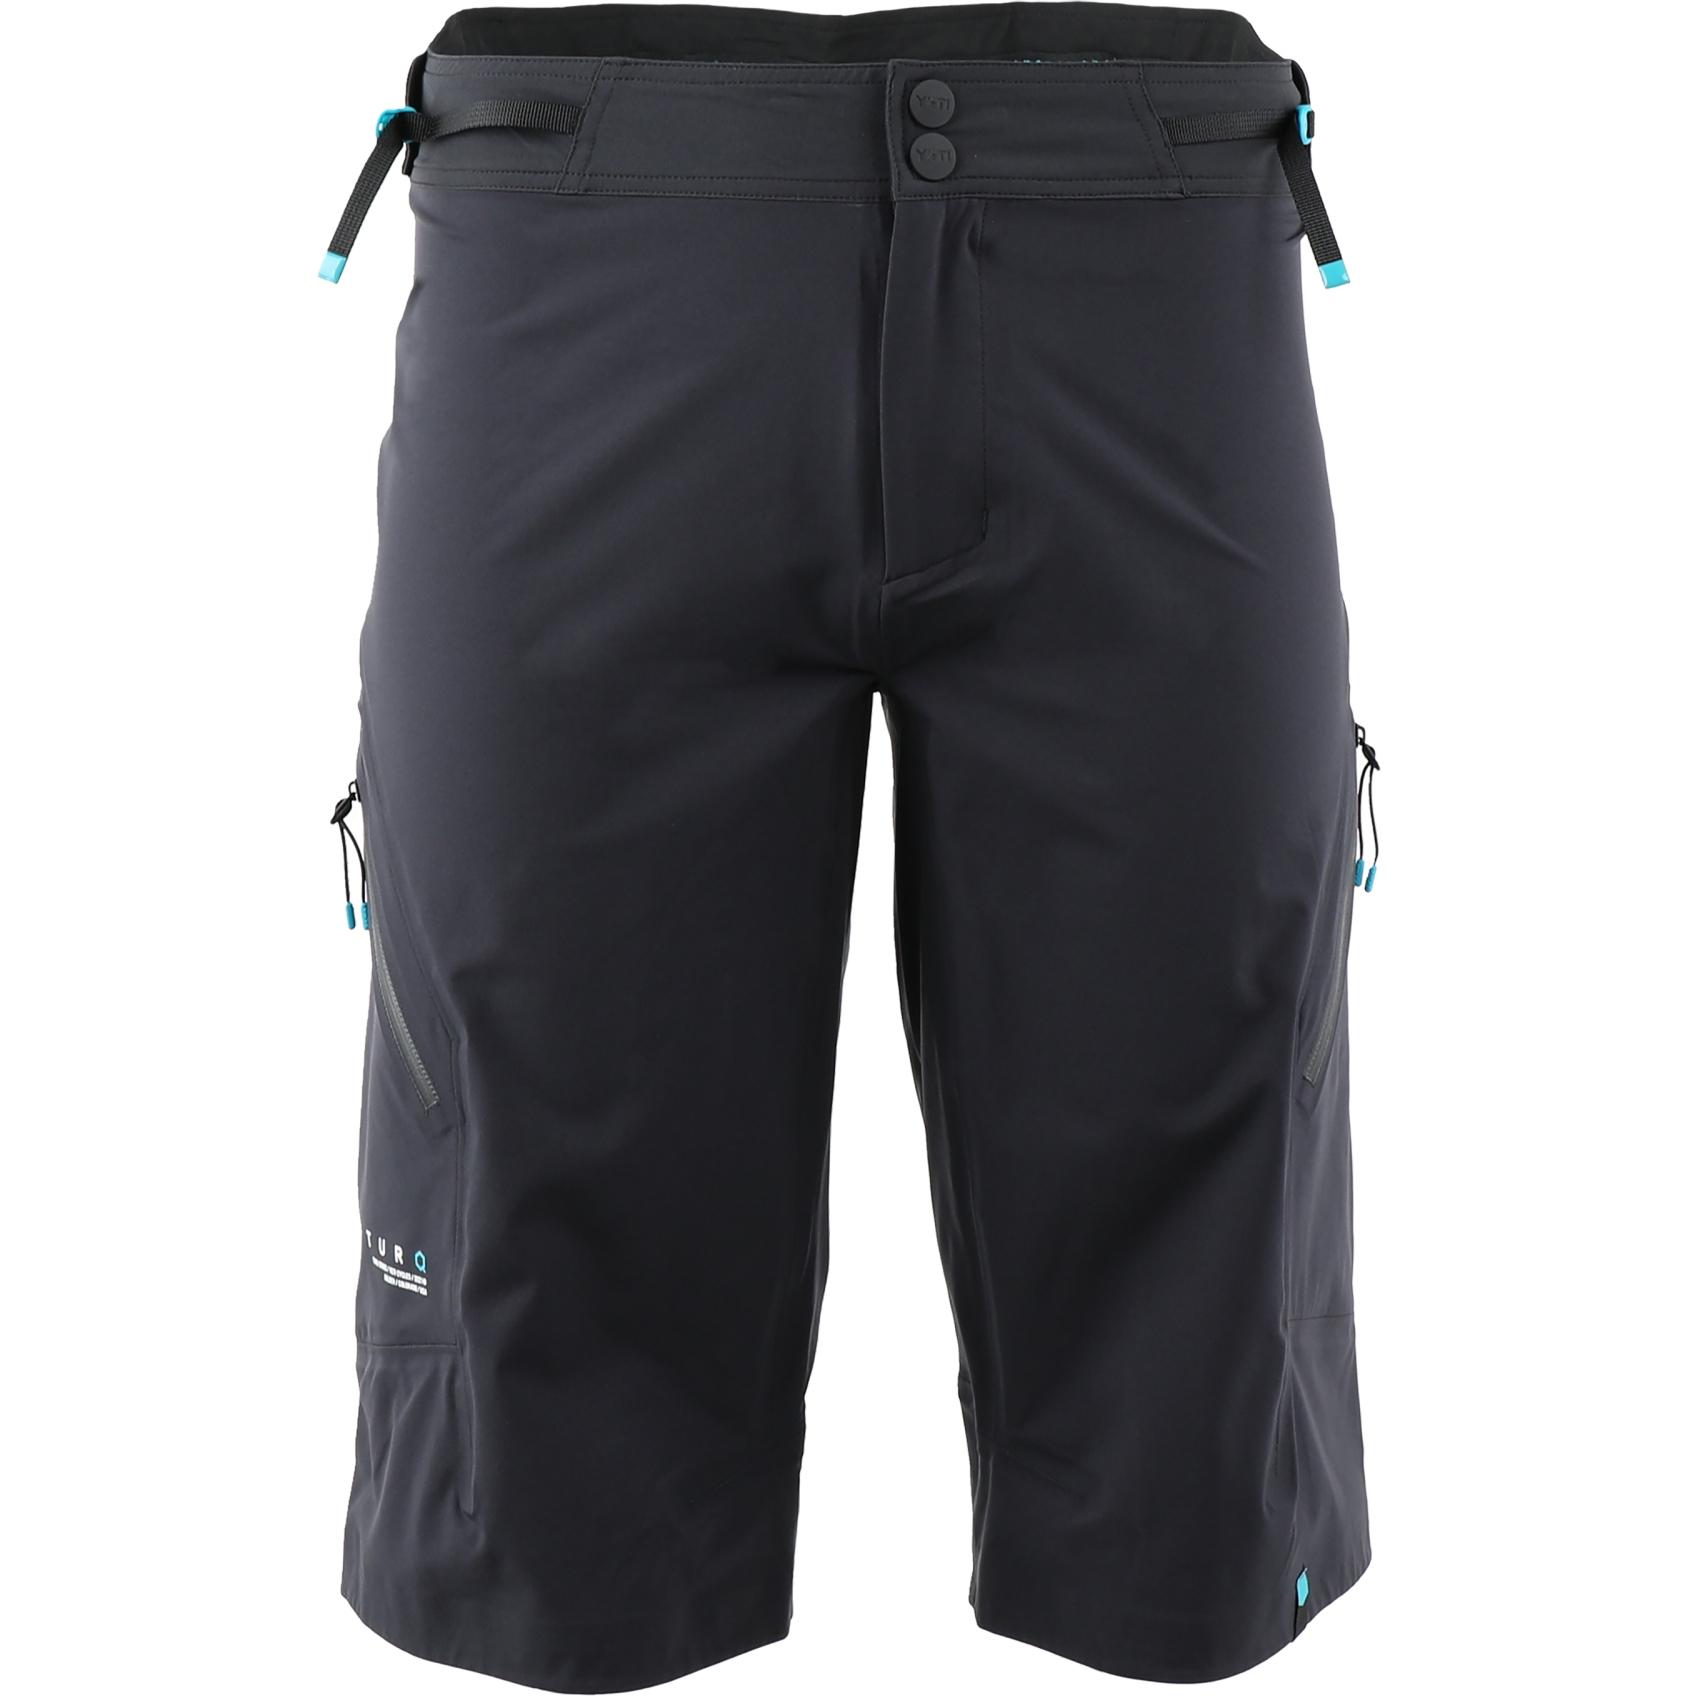 Yeti Cycles TURQ Mystic Shorts - Black